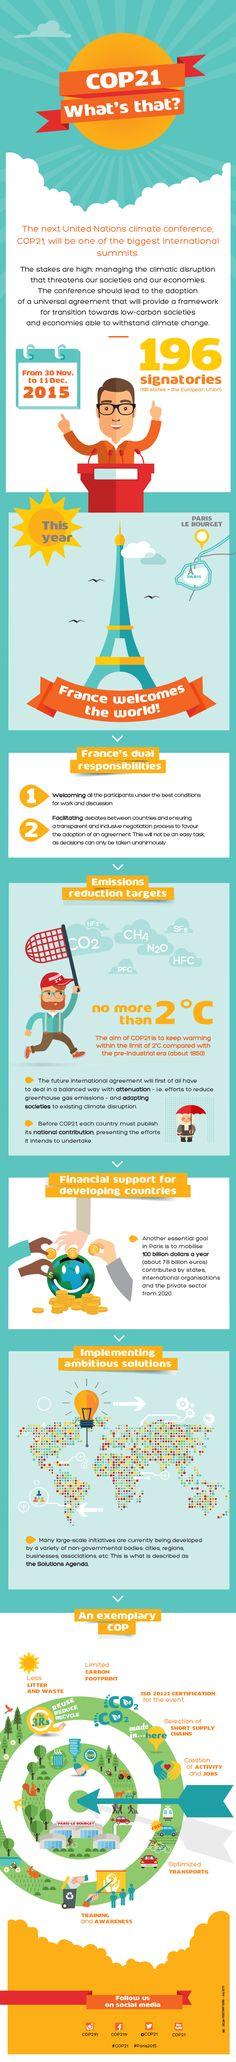 COP21 CMP11 Climat climate conference paris 2015 infographie